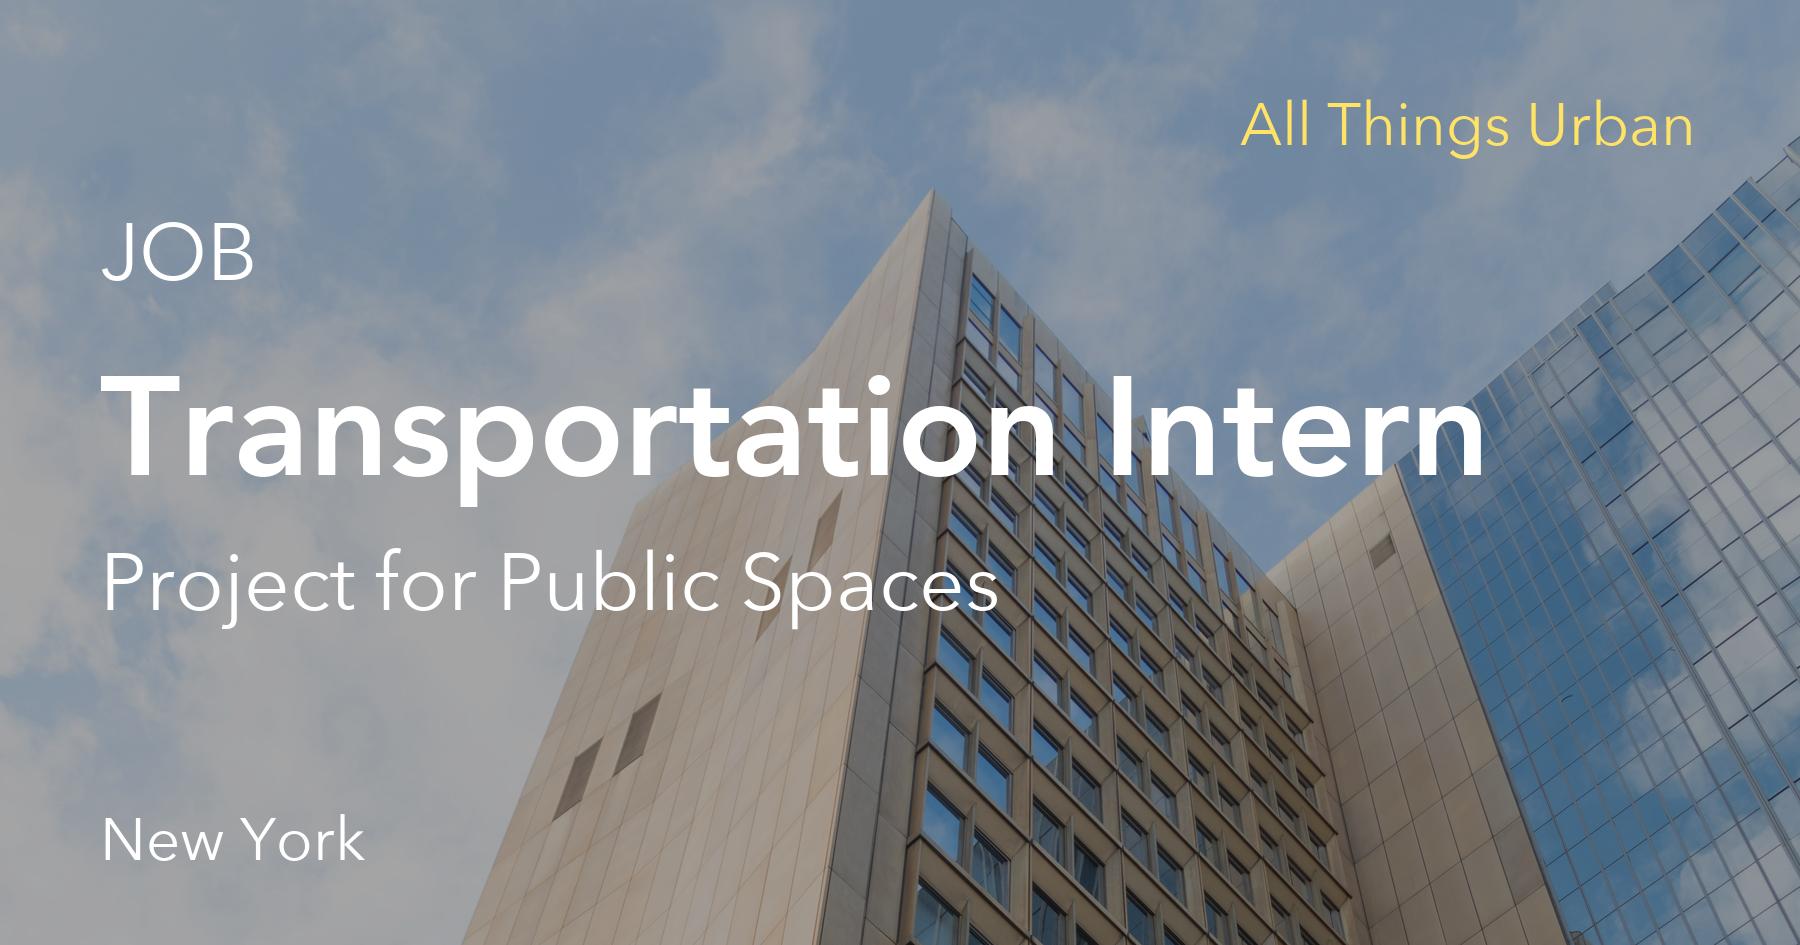 Transportation Intern